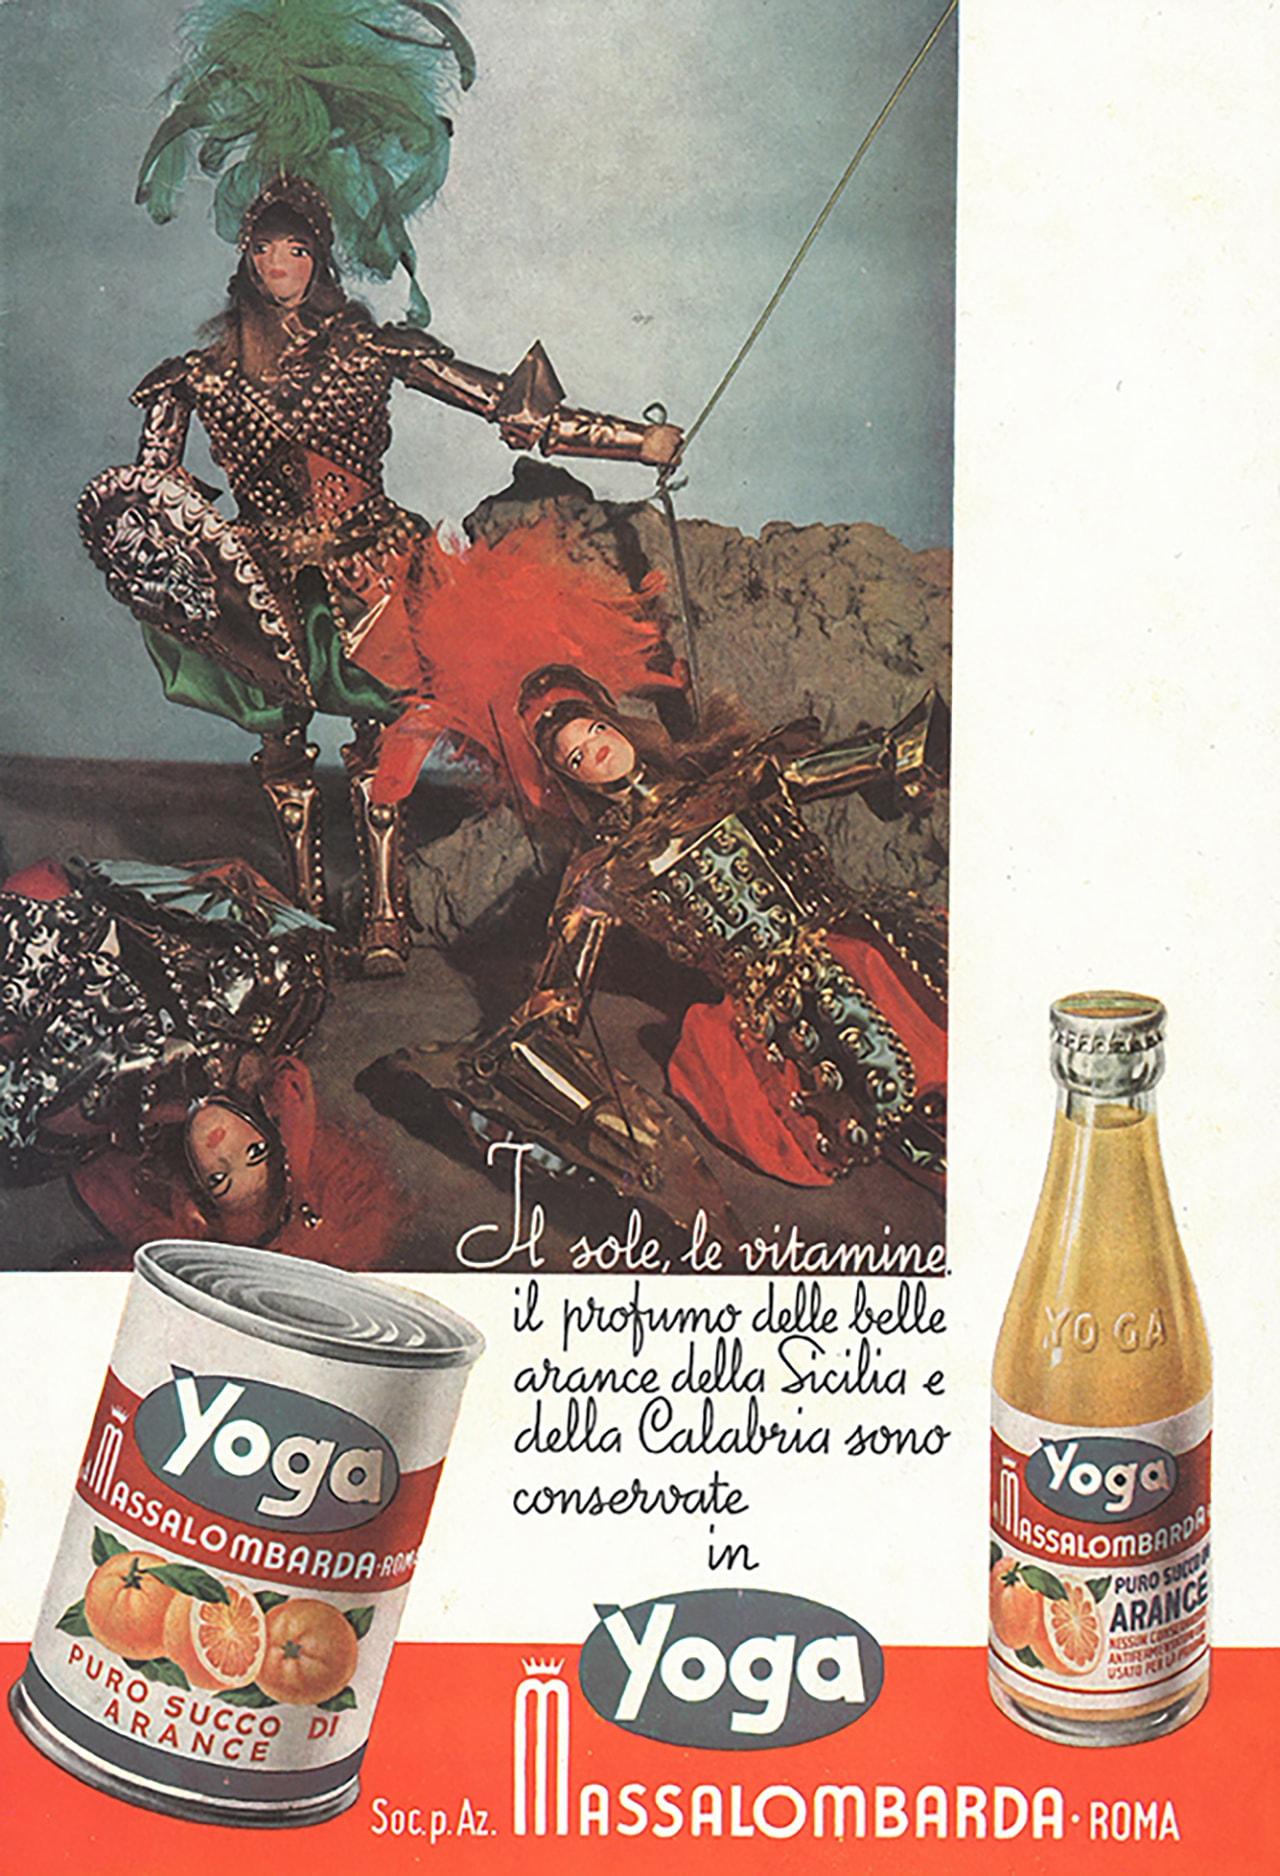 Yoga_Storia_1950_1960_3